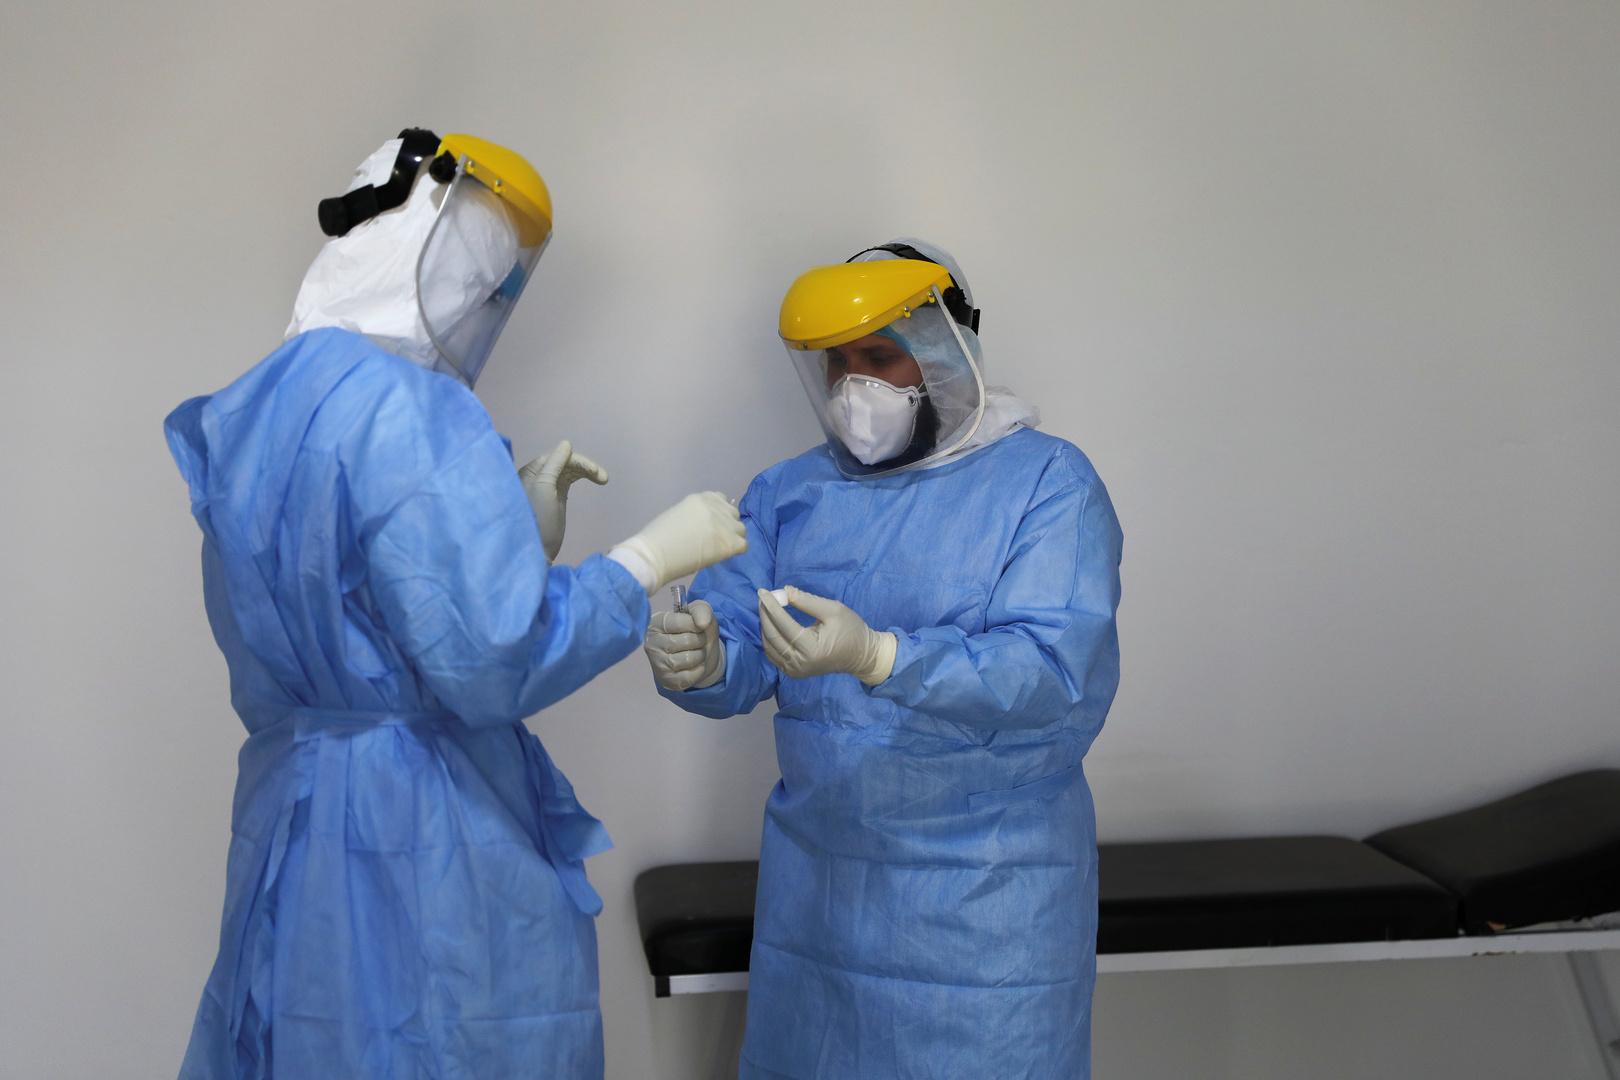 ليبيا تسجل ارتفاعا غير مسبوق في عدد الإصابات بفيروس كورونا